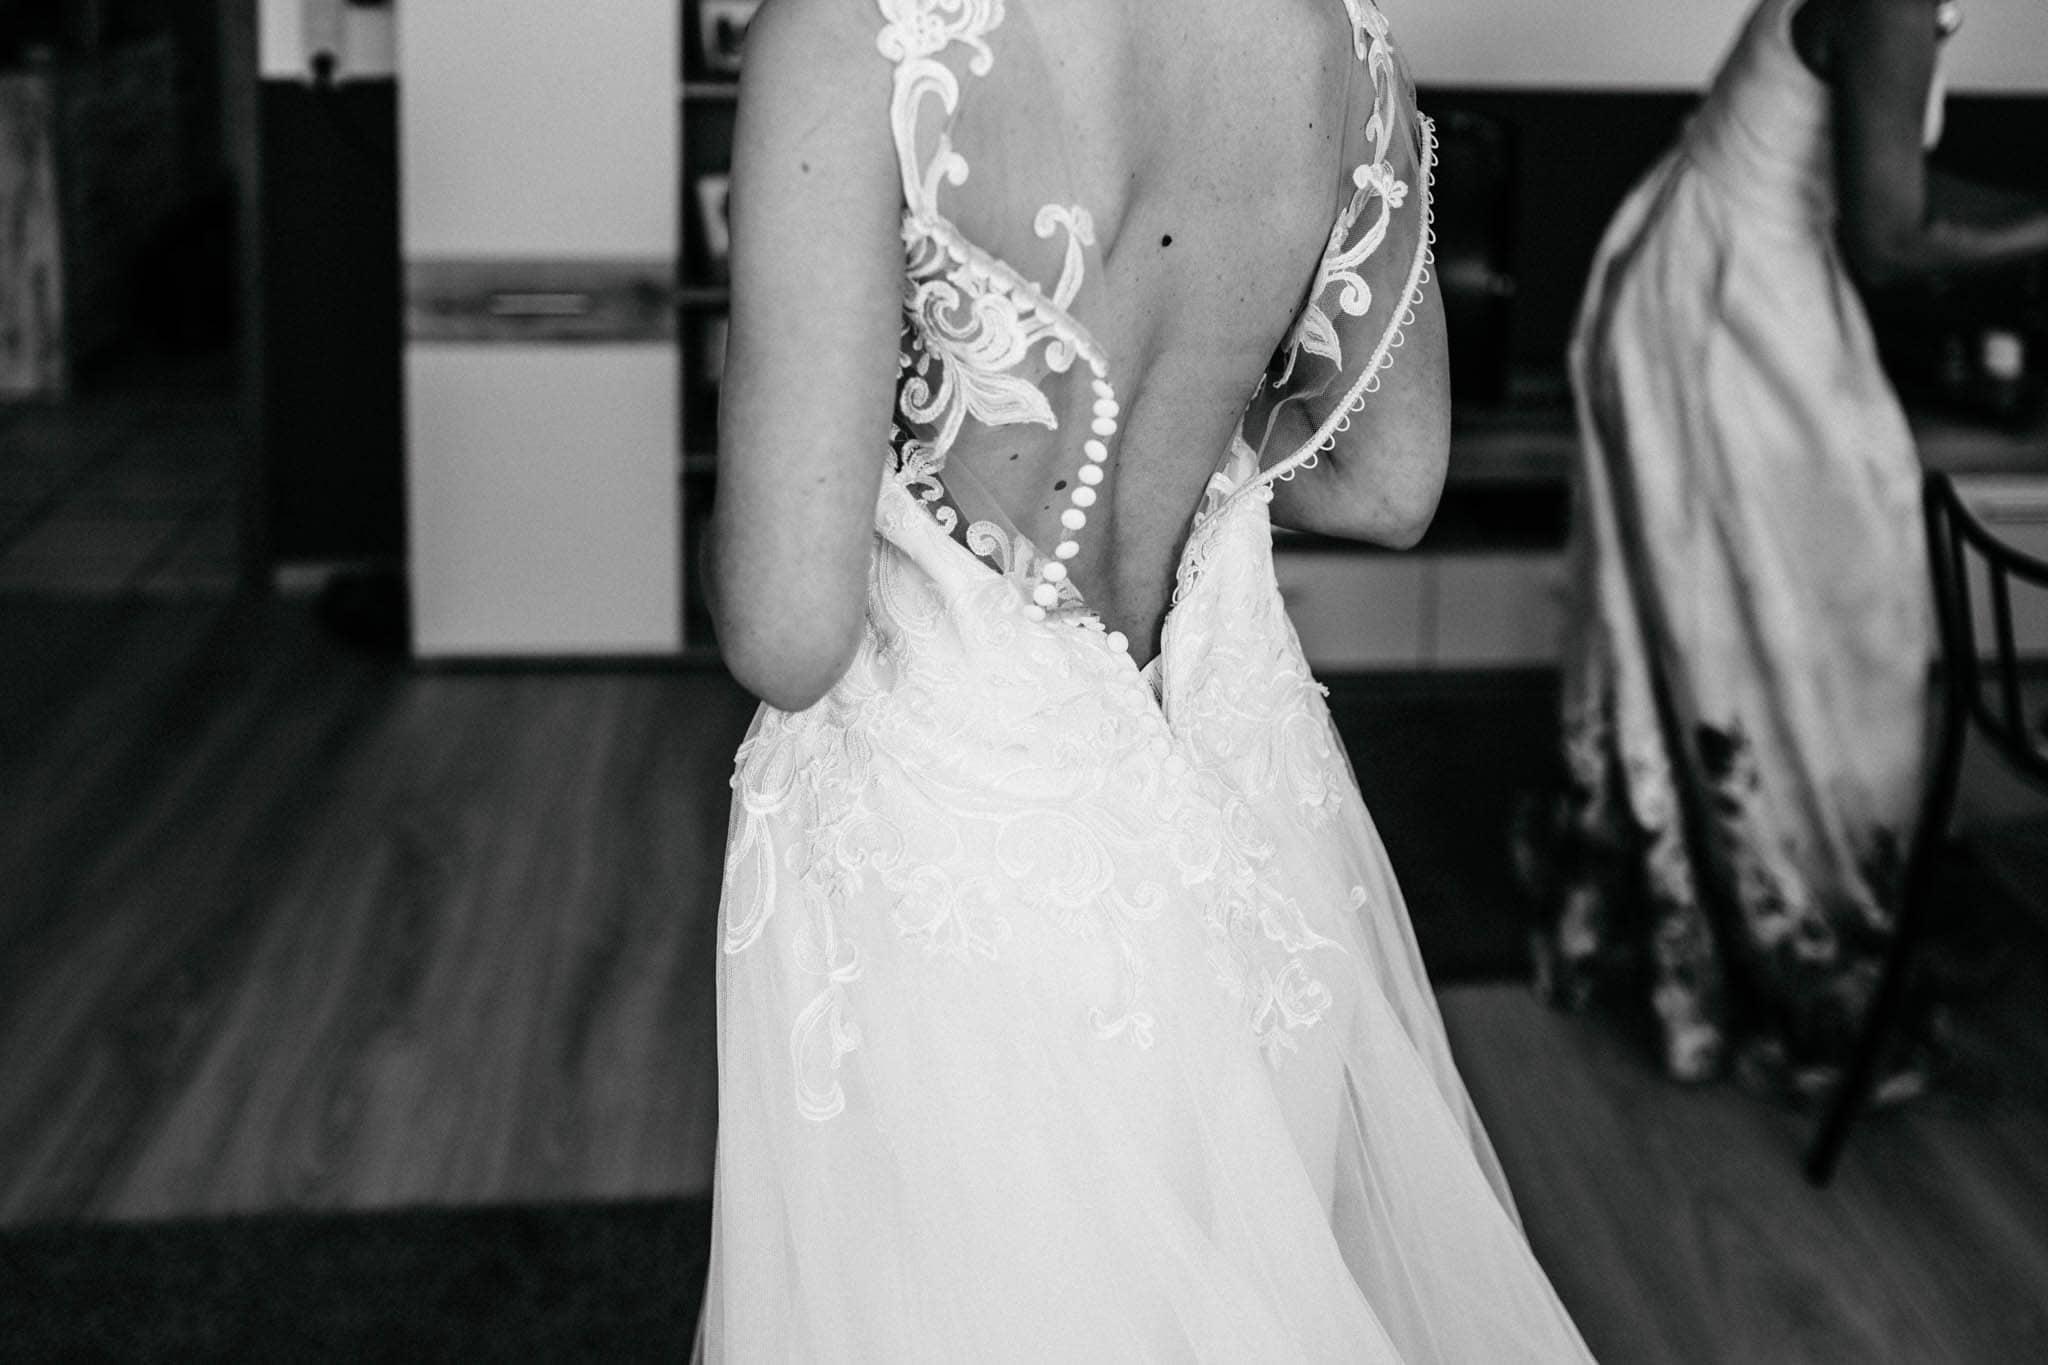 Hochzeitsfieber by Photo-Schomburg, Hoichzeitsfotograf, Hamburg, Wedding, Weddingtime, Hochzeitspaar, Braut, Bräutigam, Hochzeit im Norden,-20